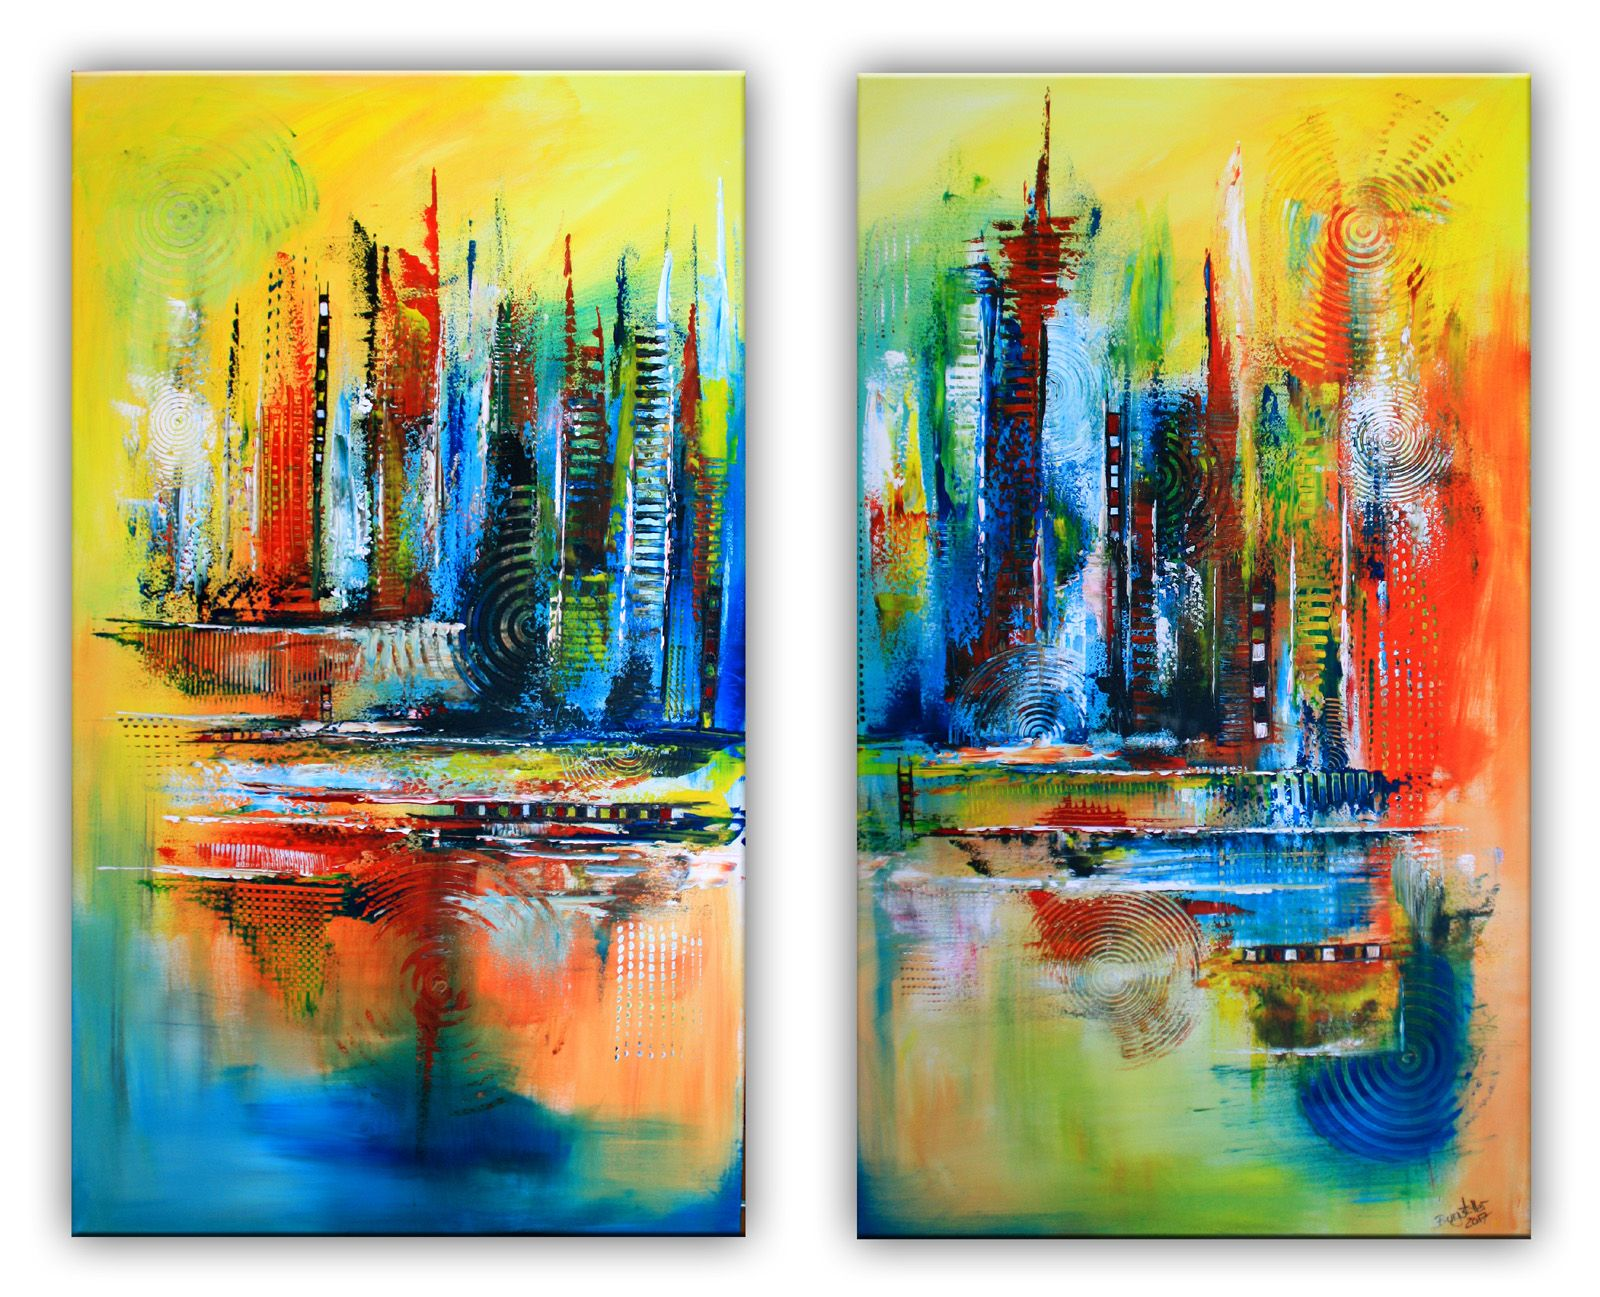 Himmelsleitern Abstrakte Malerei Rot Blau Gelb Zweiteilig